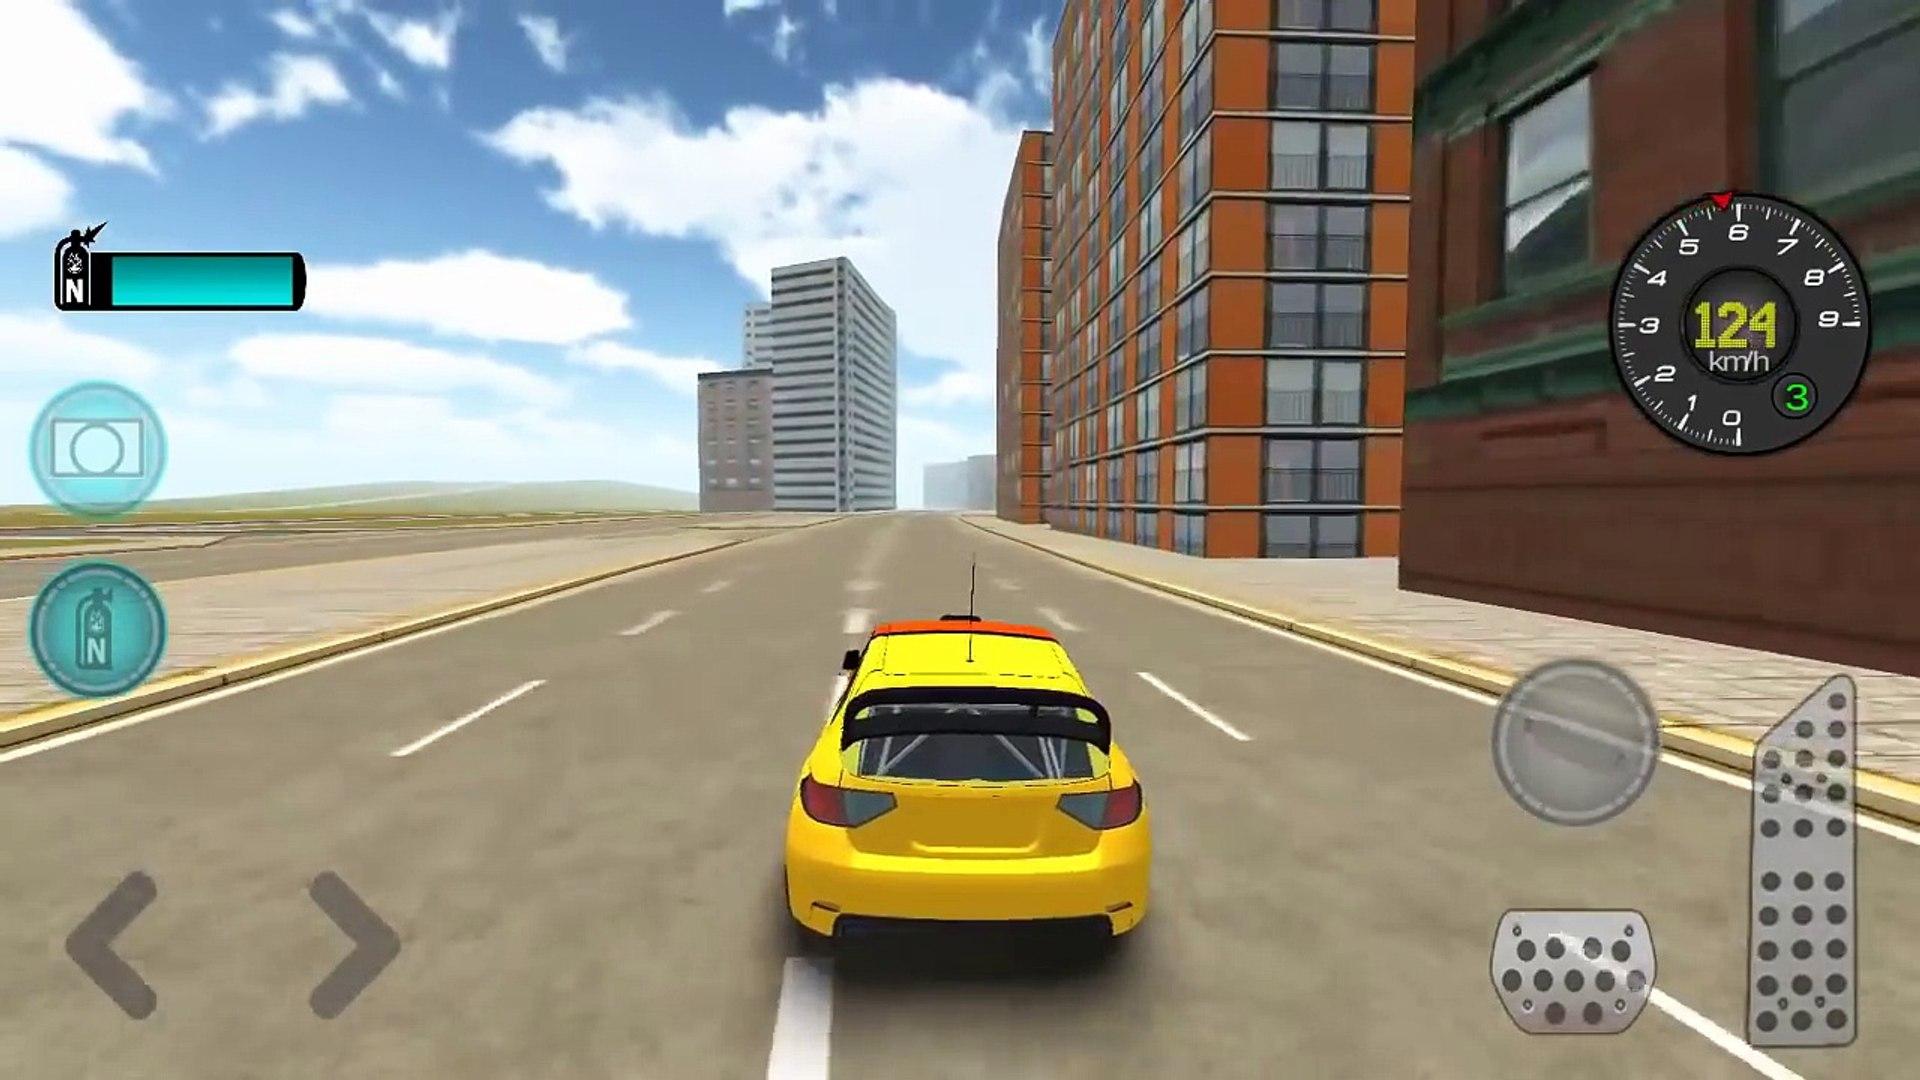 Андроид андроид водить машину Игры Hd h Новые функции Новый ралли имитатор